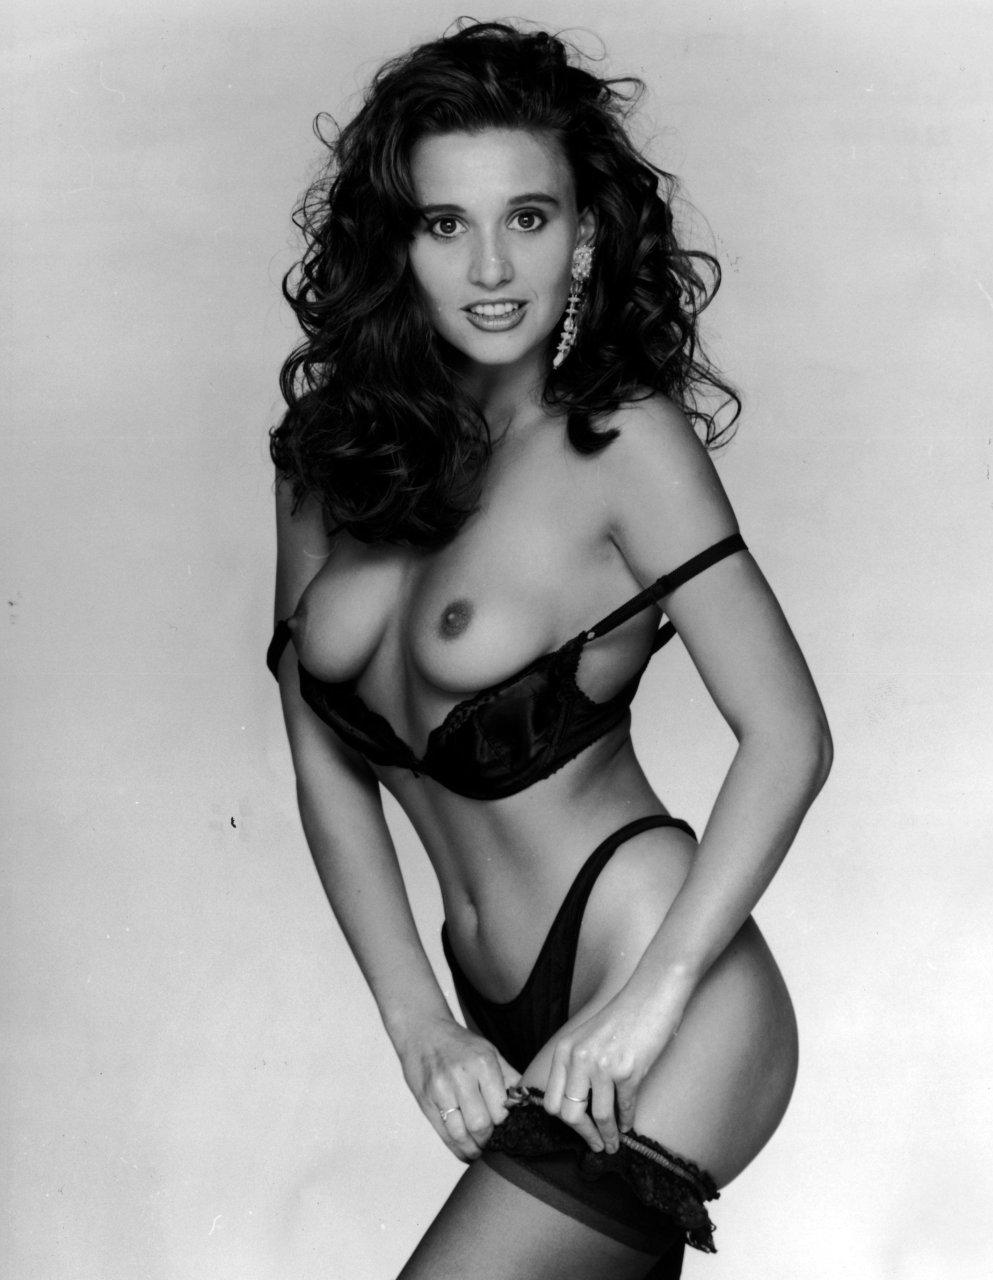 Jayne middlemiss nude